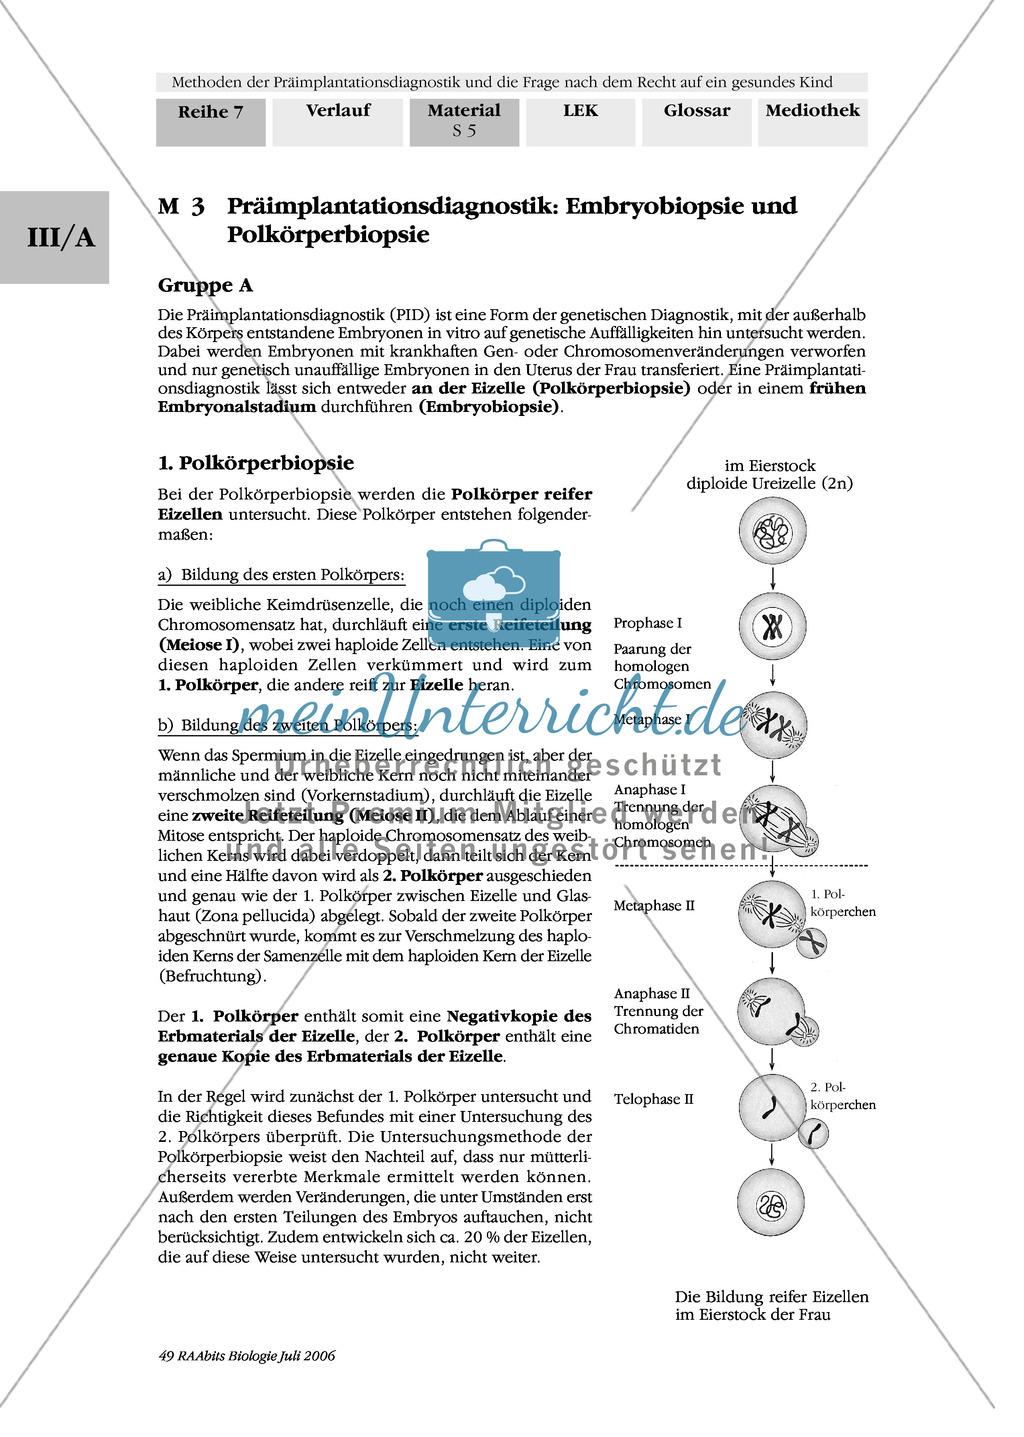 Großzügig Diploiden Und Haploiden Arbeitsblatt Antworten Fotos ...